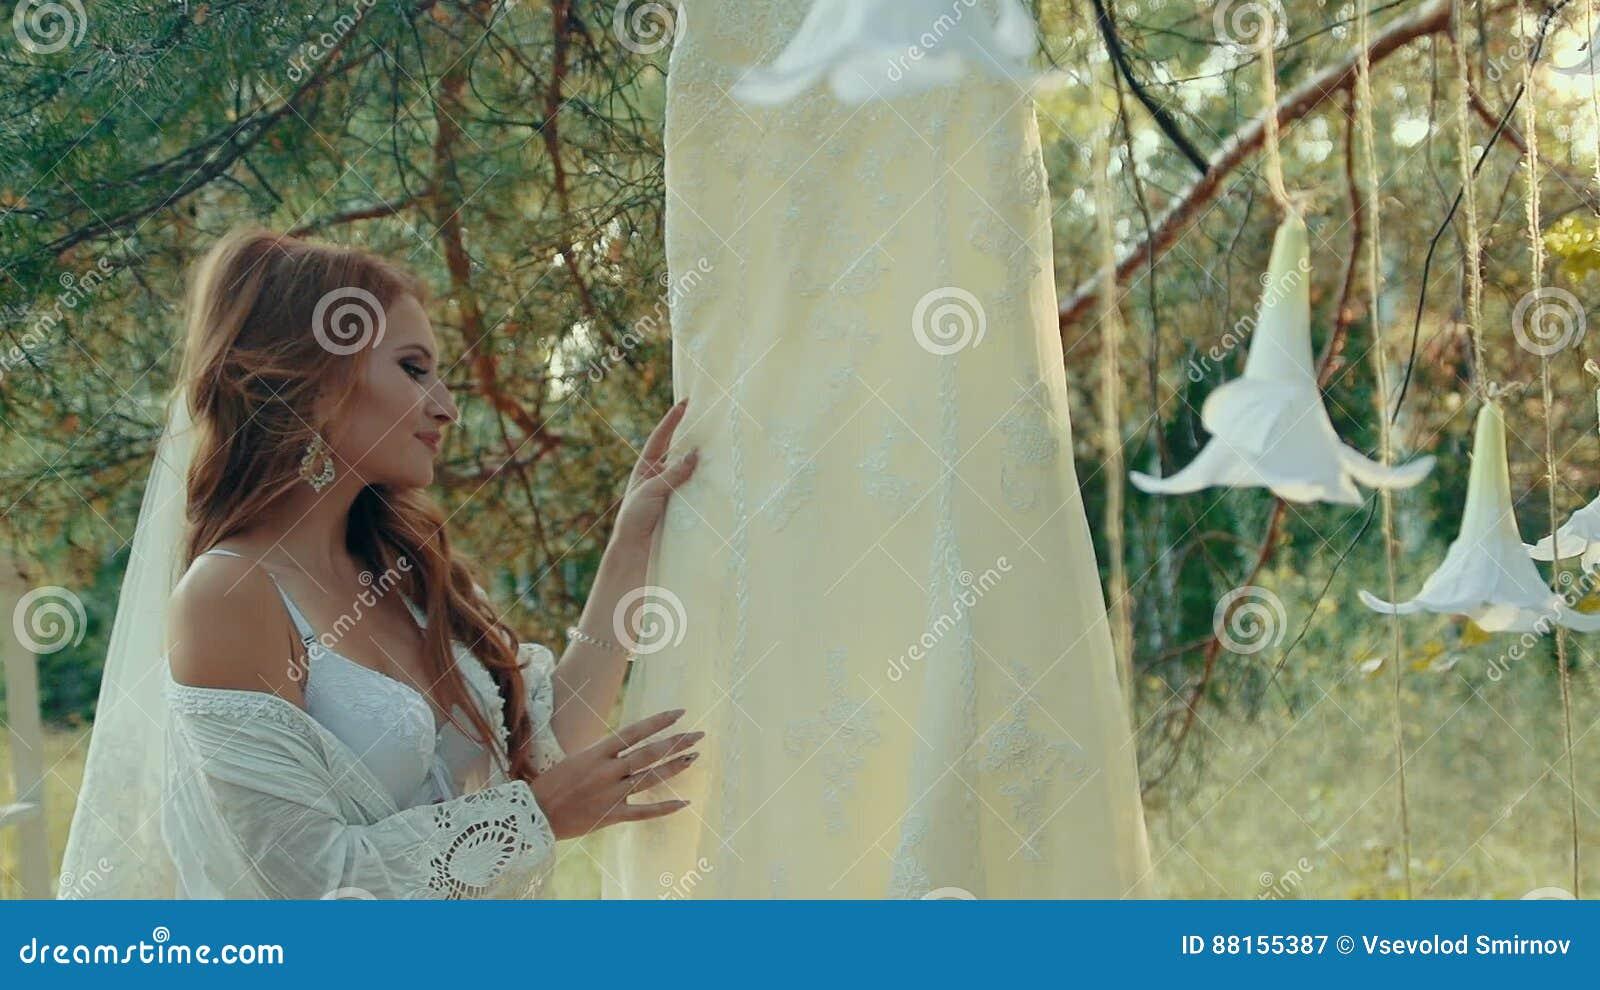 Fantastisch Wäsche Für Hochzeitskleid Galerie - Brautkleider Ideen ...